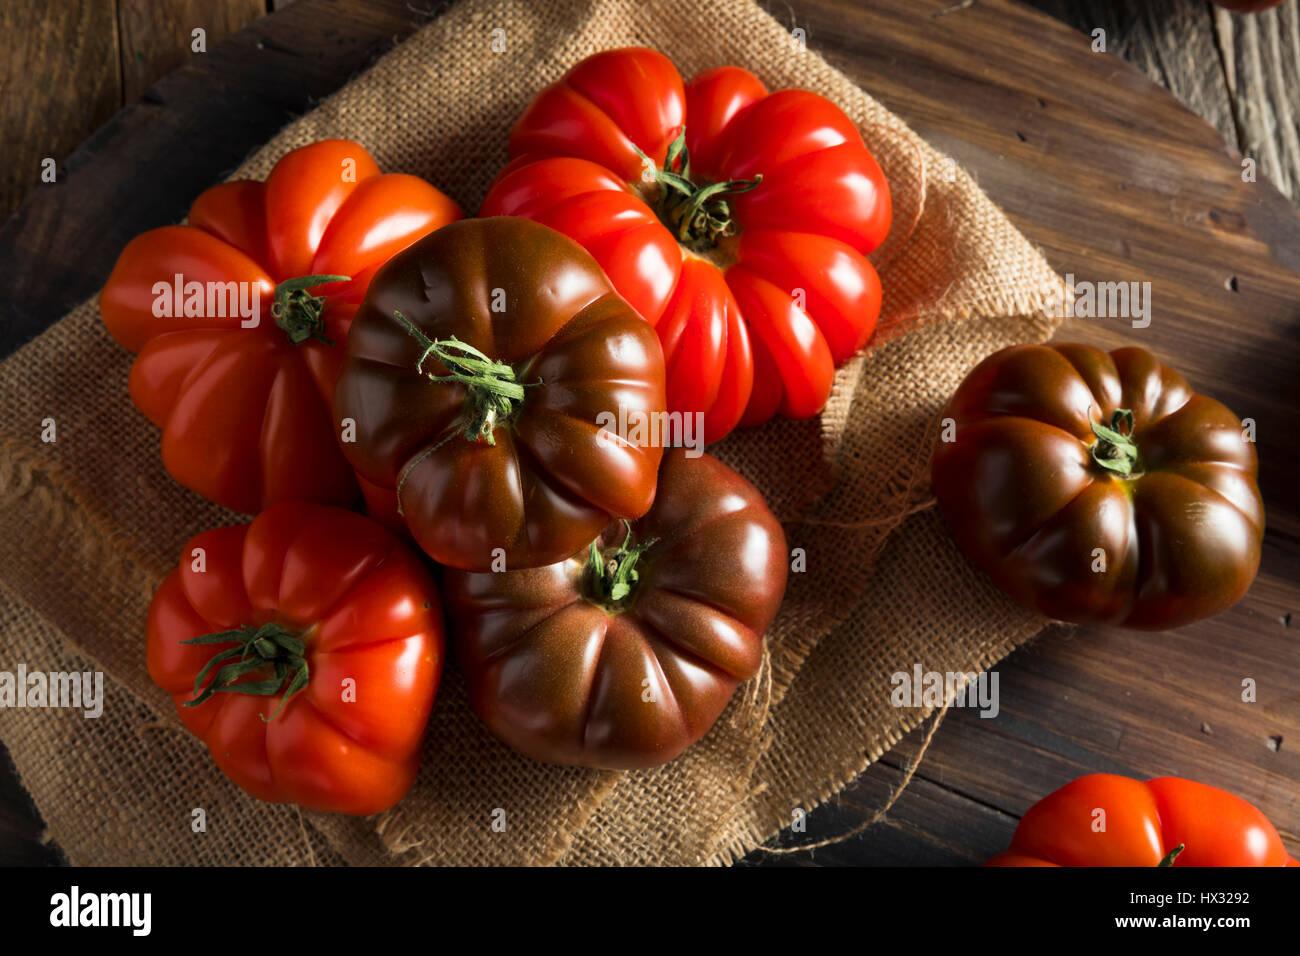 Materias orgánicas reliquia de rojo y marrón los tomates frescos de la Vid Imagen De Stock